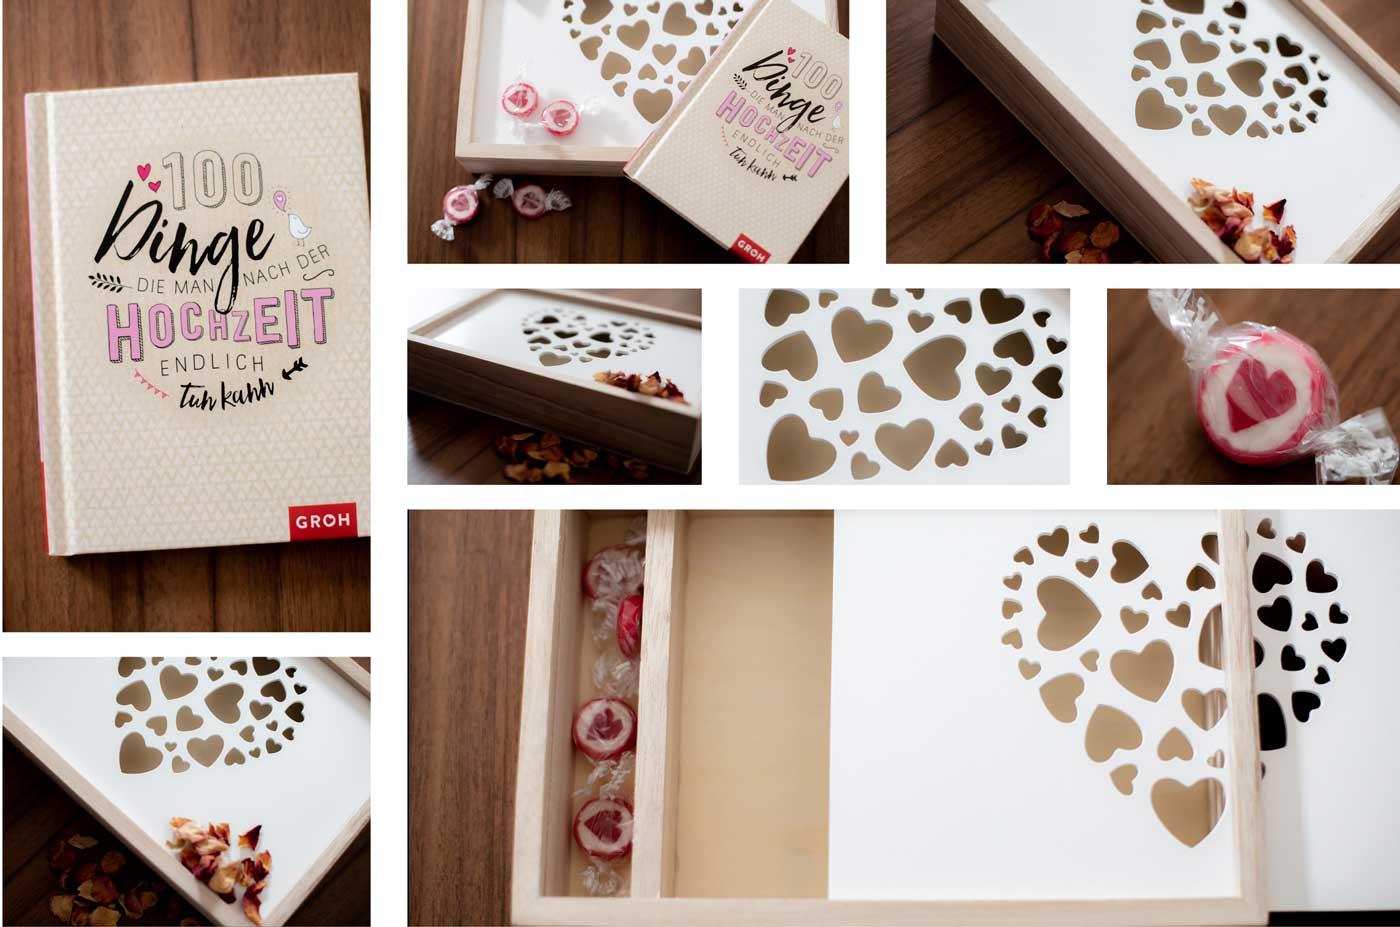 Hochzeit Übergabe mit Schachtel und Bonbons